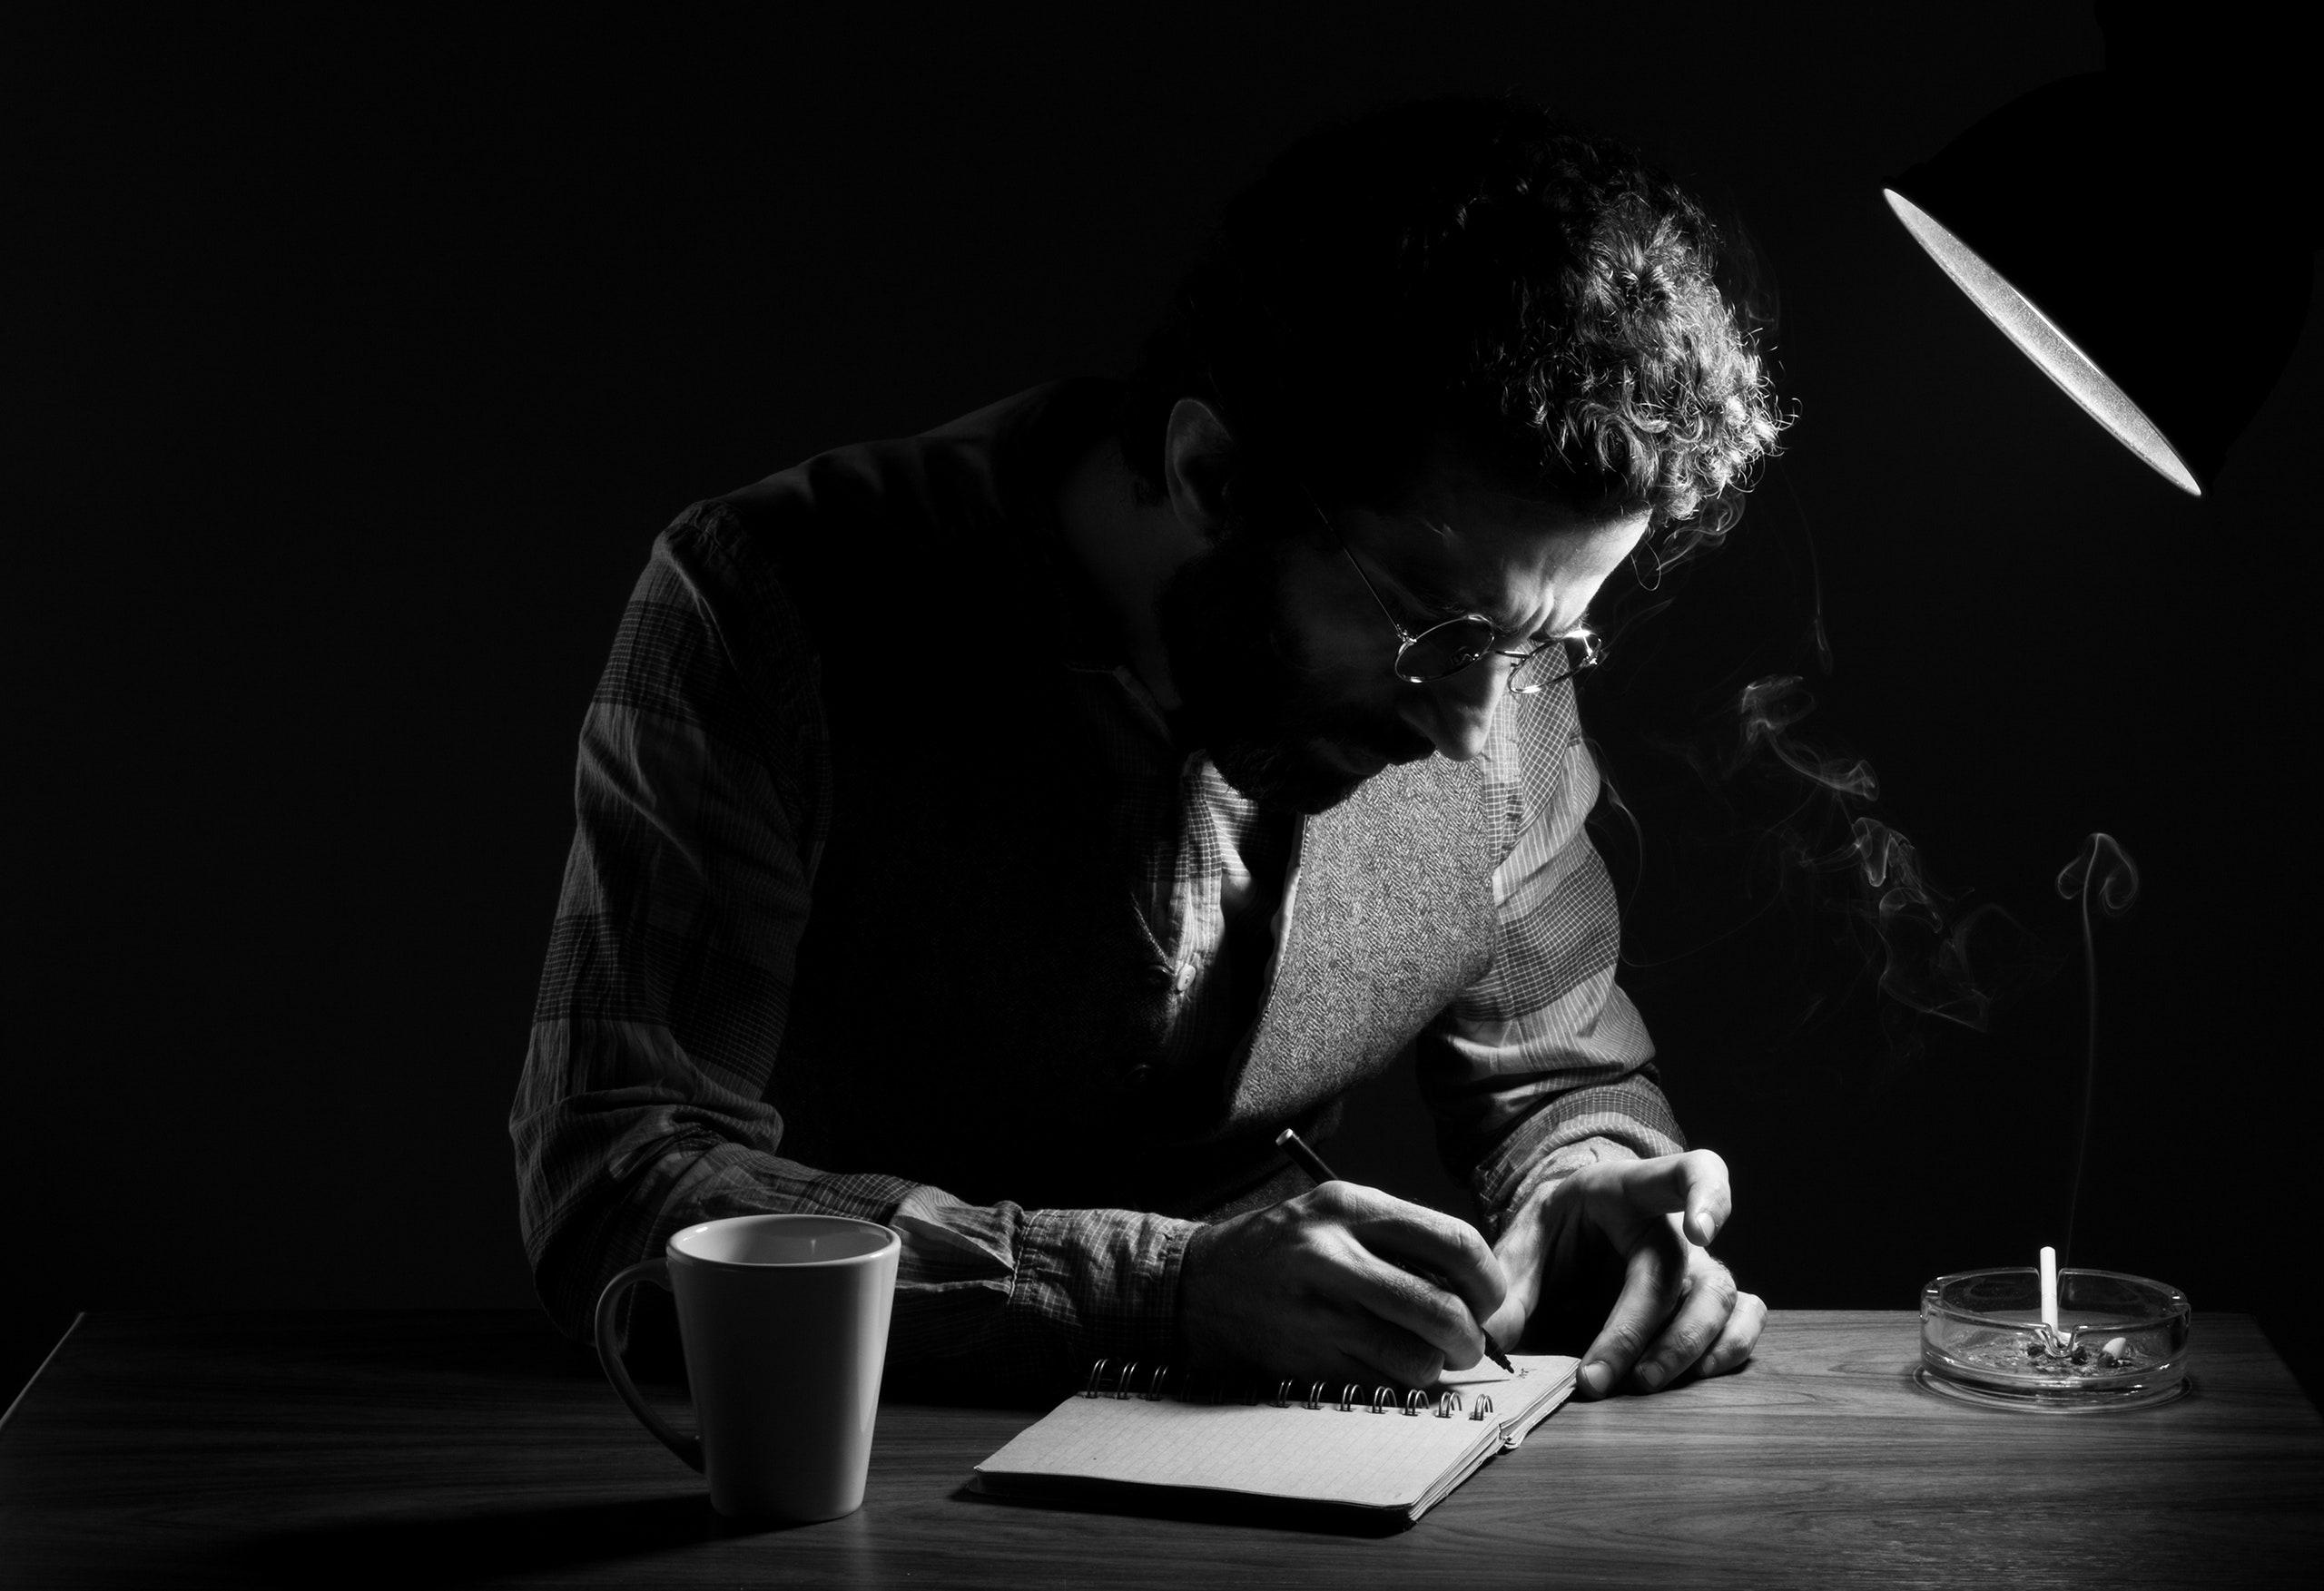 چگونه رمان کوتاه بنویسیم: راهنمای گام به گام